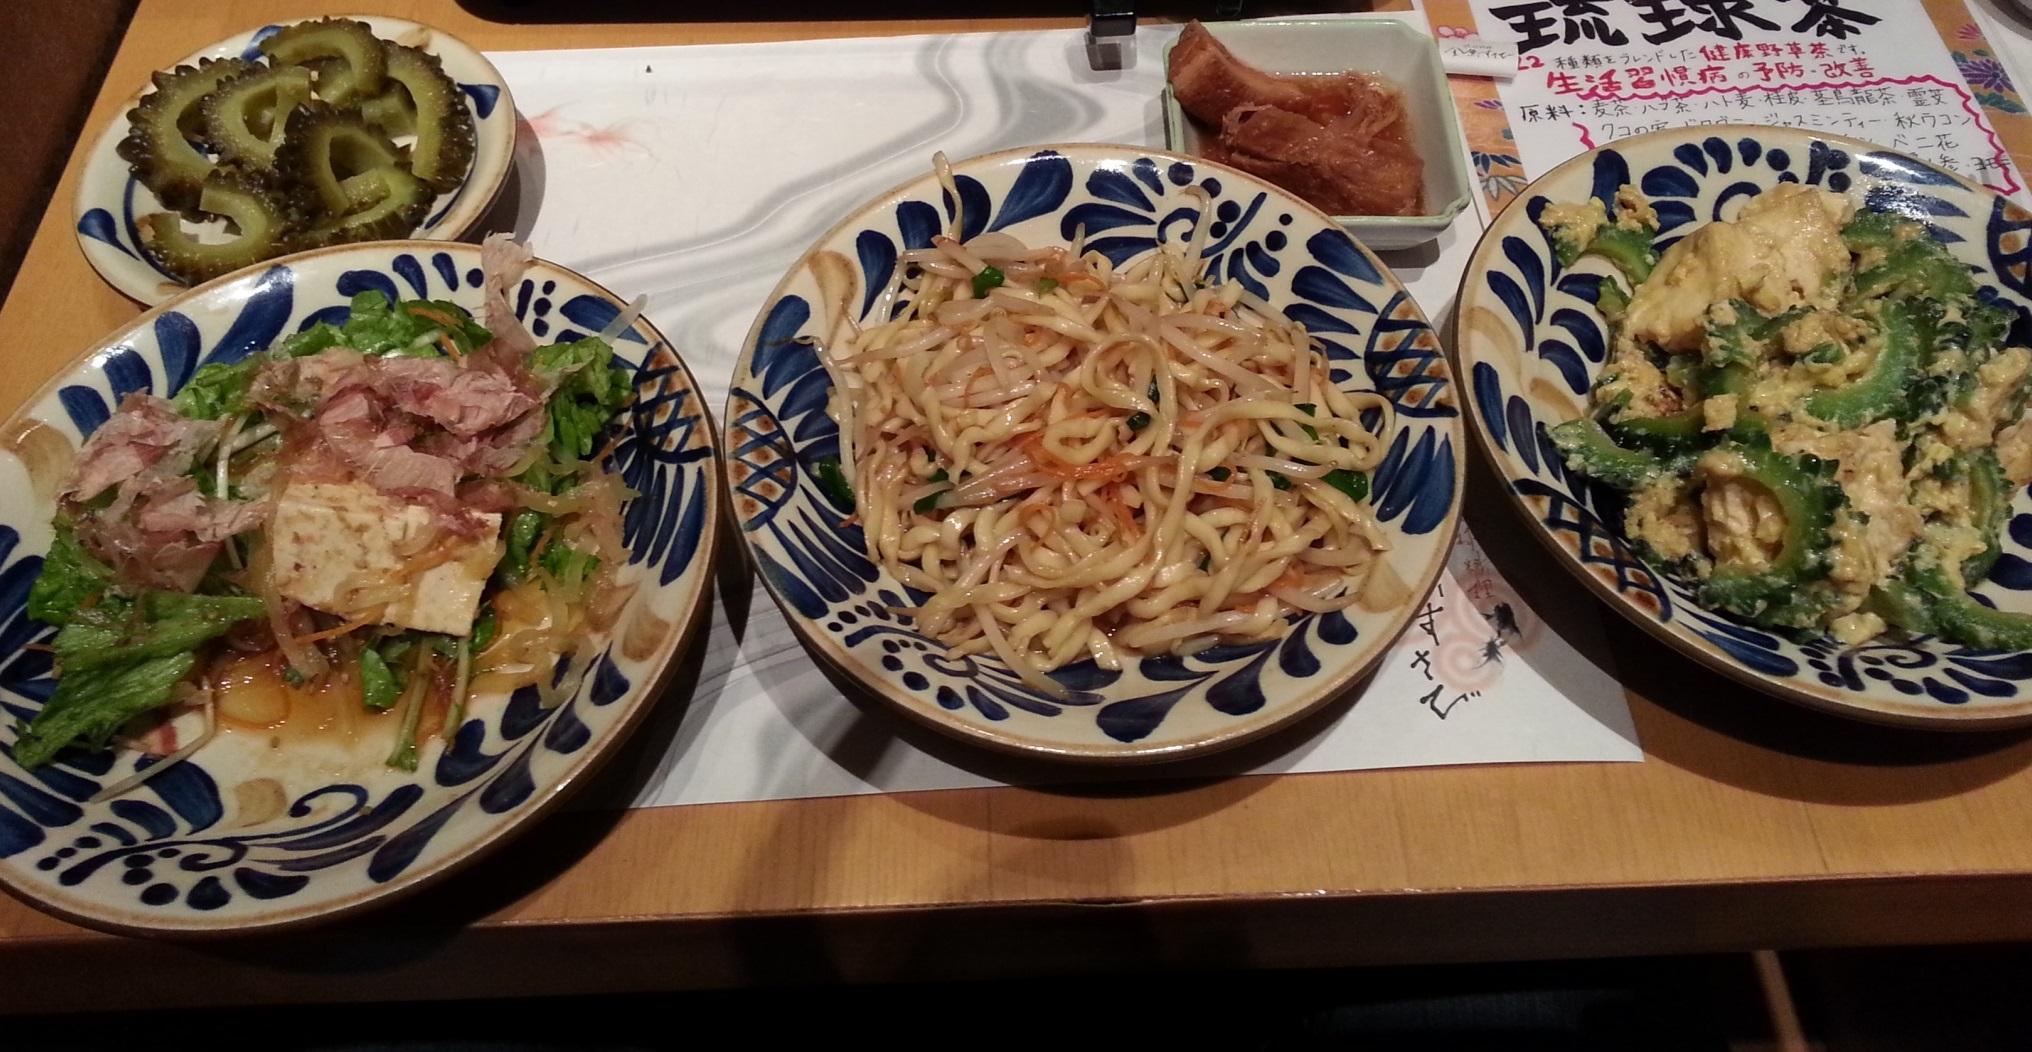 20140317_okinawa1.jpg